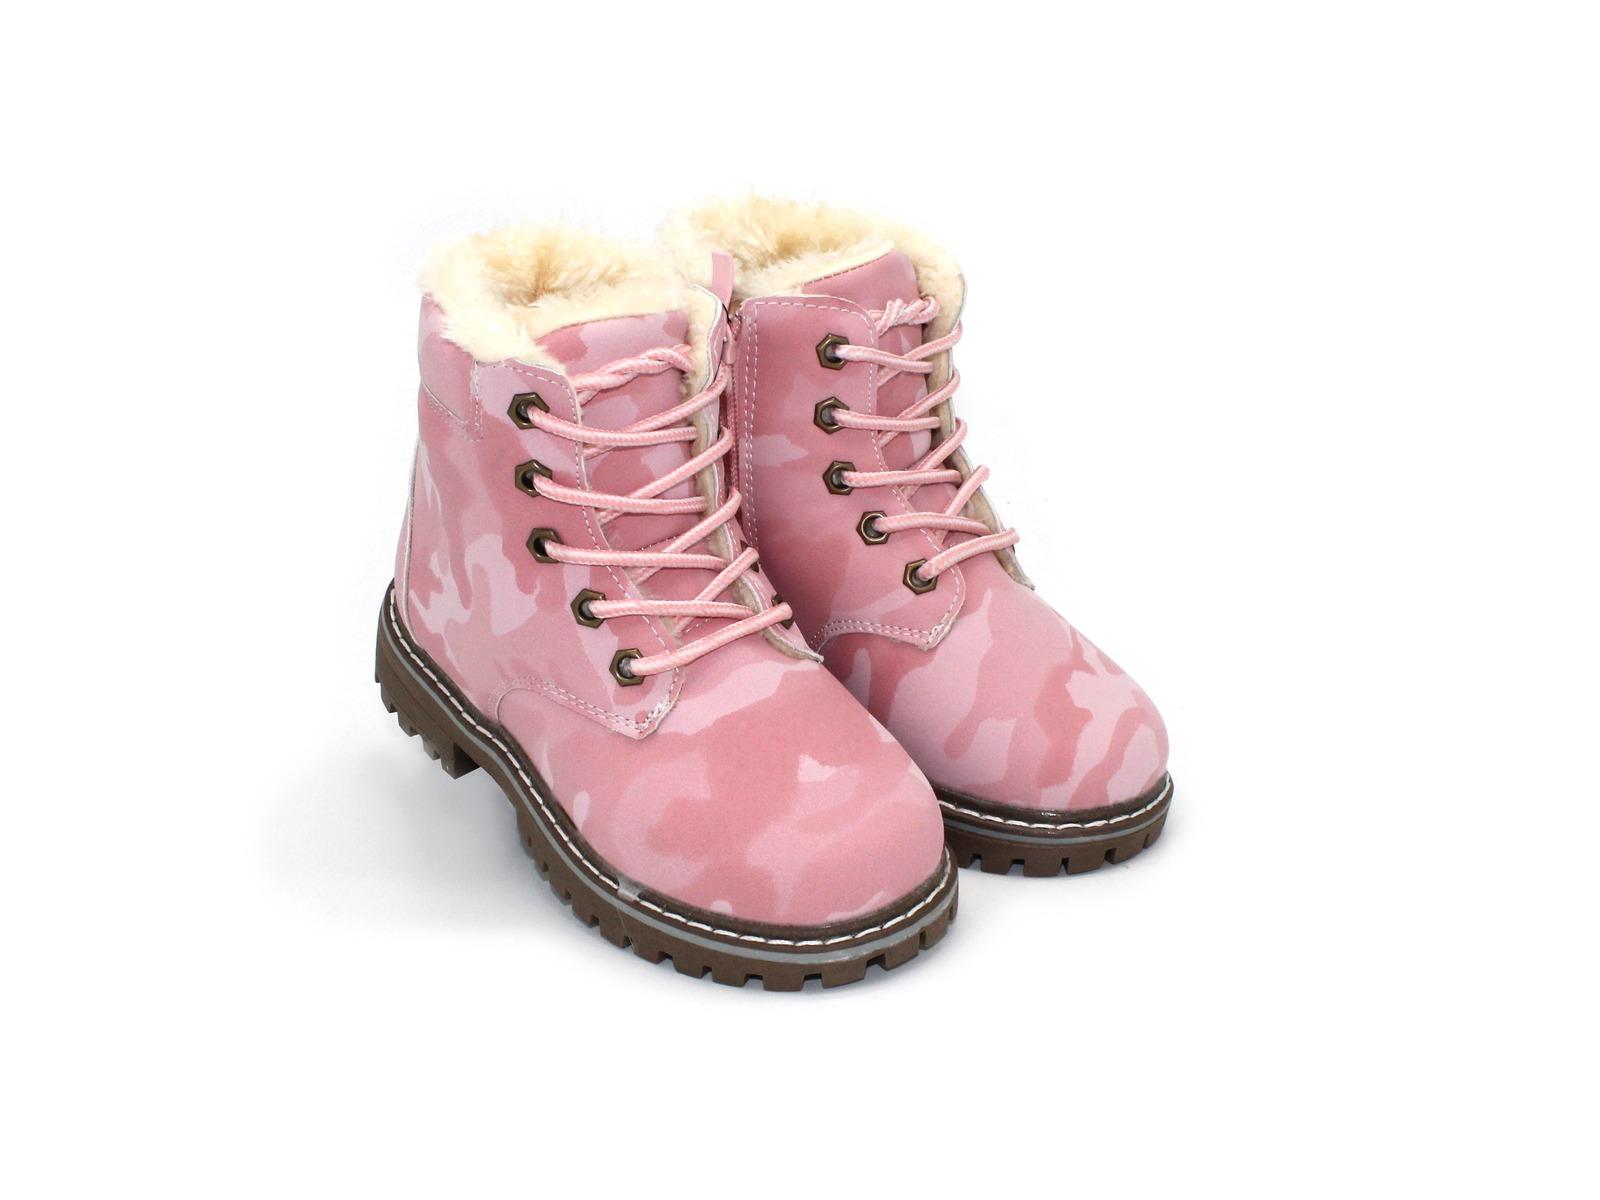 6a0486205 Ботинки Шалунишка для девочек розовые эко кожа 34 размера - купить в ...